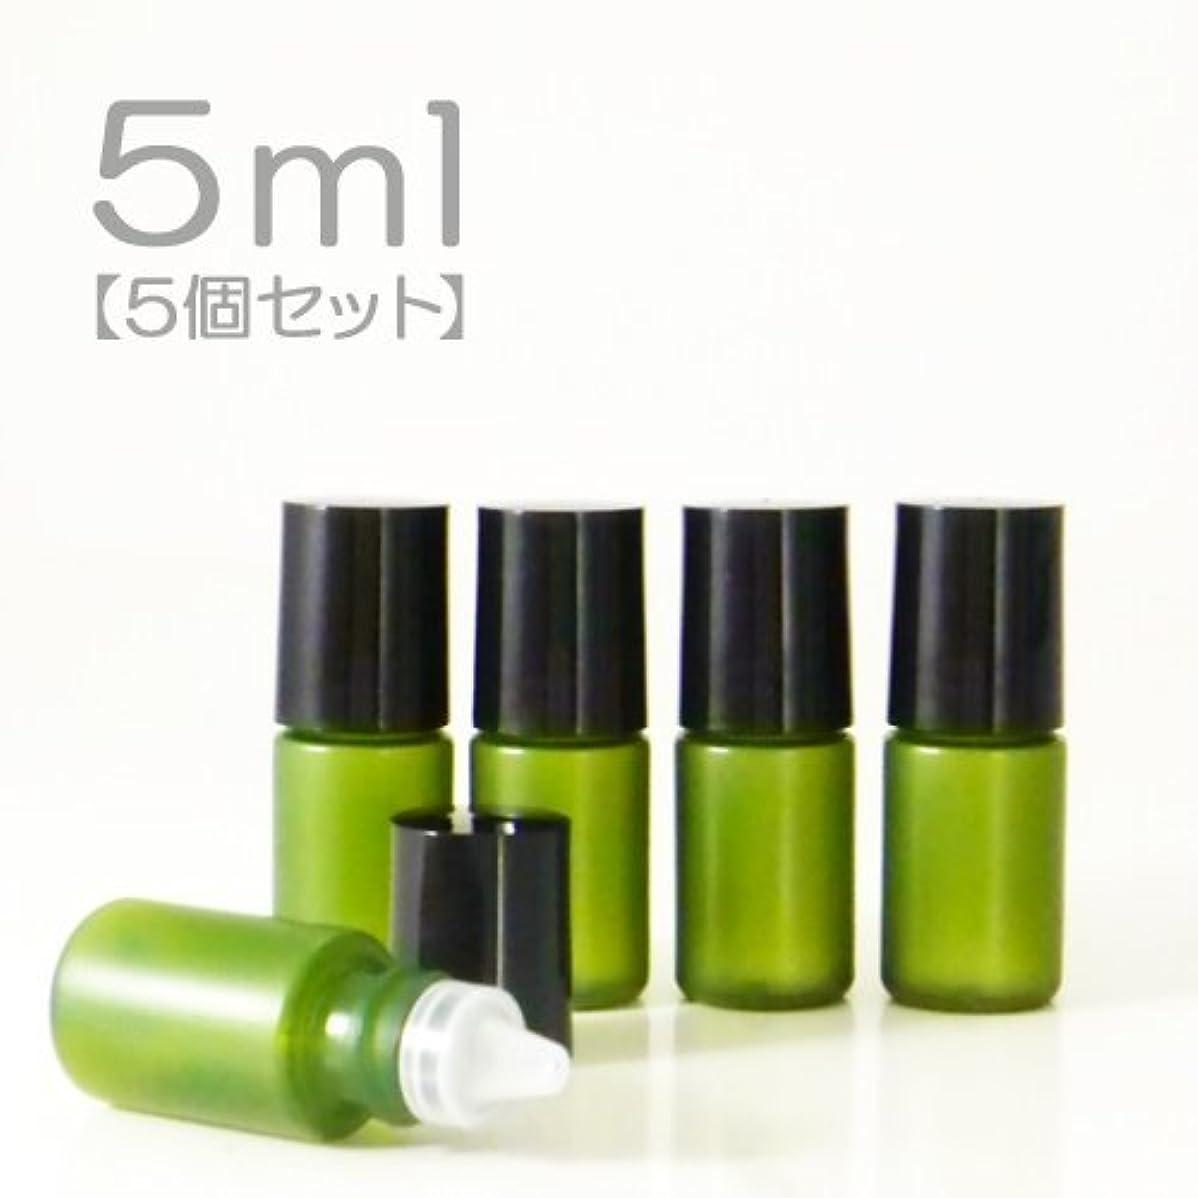 シェード別れる弁護人ミニボトル容器 5ml グリーン (5個セット) 【化粧品容器】